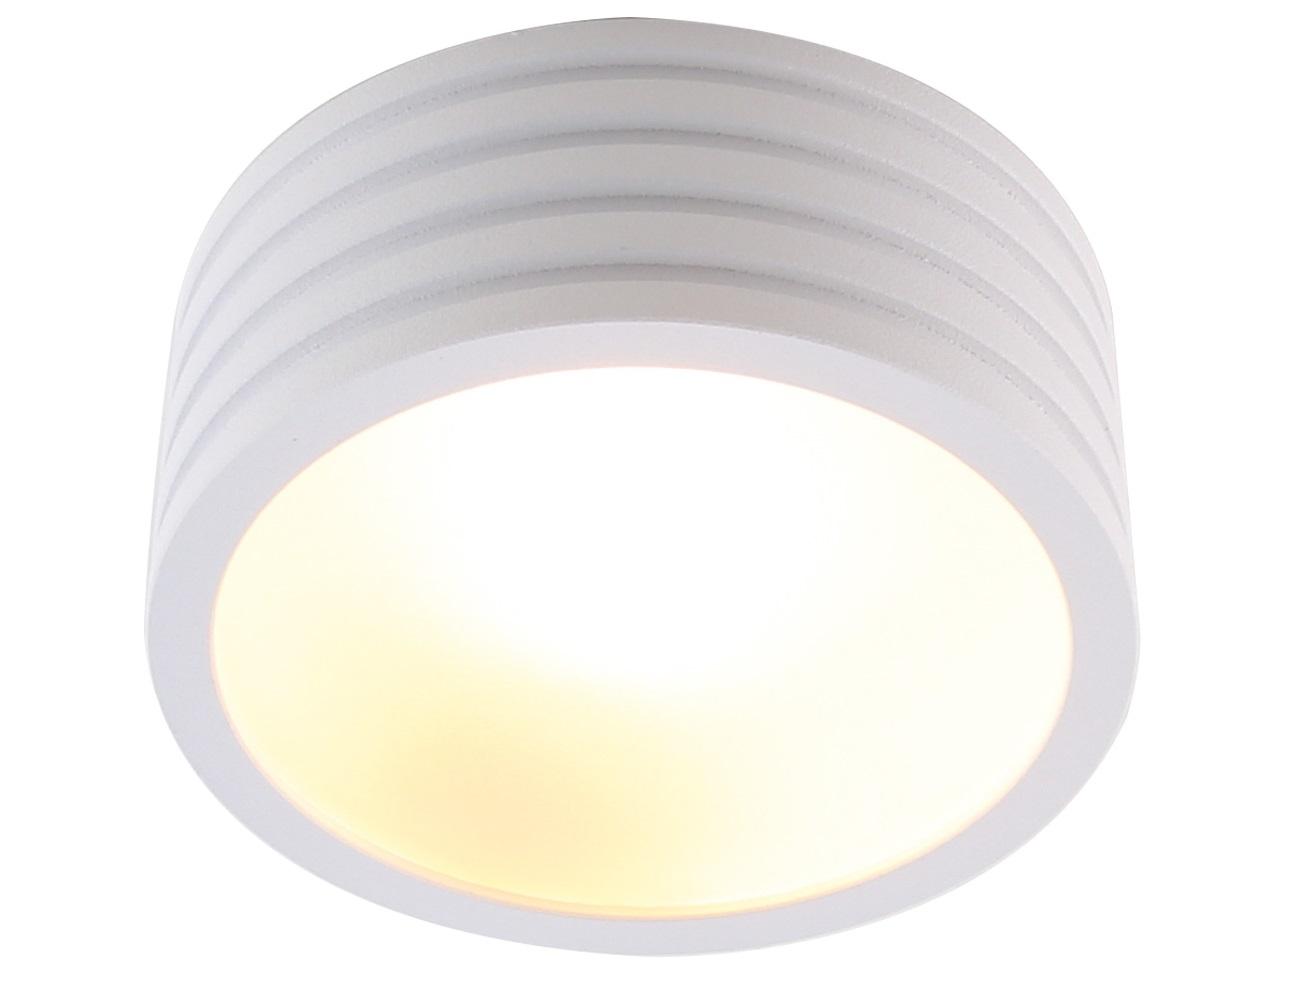 Потолочный светильникТочечный свет<br>&amp;lt;div&amp;gt;Вид цоколя: G9&amp;lt;/div&amp;gt;&amp;lt;div&amp;gt;Мощность: 50W&amp;lt;/div&amp;gt;&amp;lt;div&amp;gt;Количество ламп: 1&amp;lt;/div&amp;gt;<br><br>Material: Алюминий<br>Height см: 4,5<br>Diameter см: 11